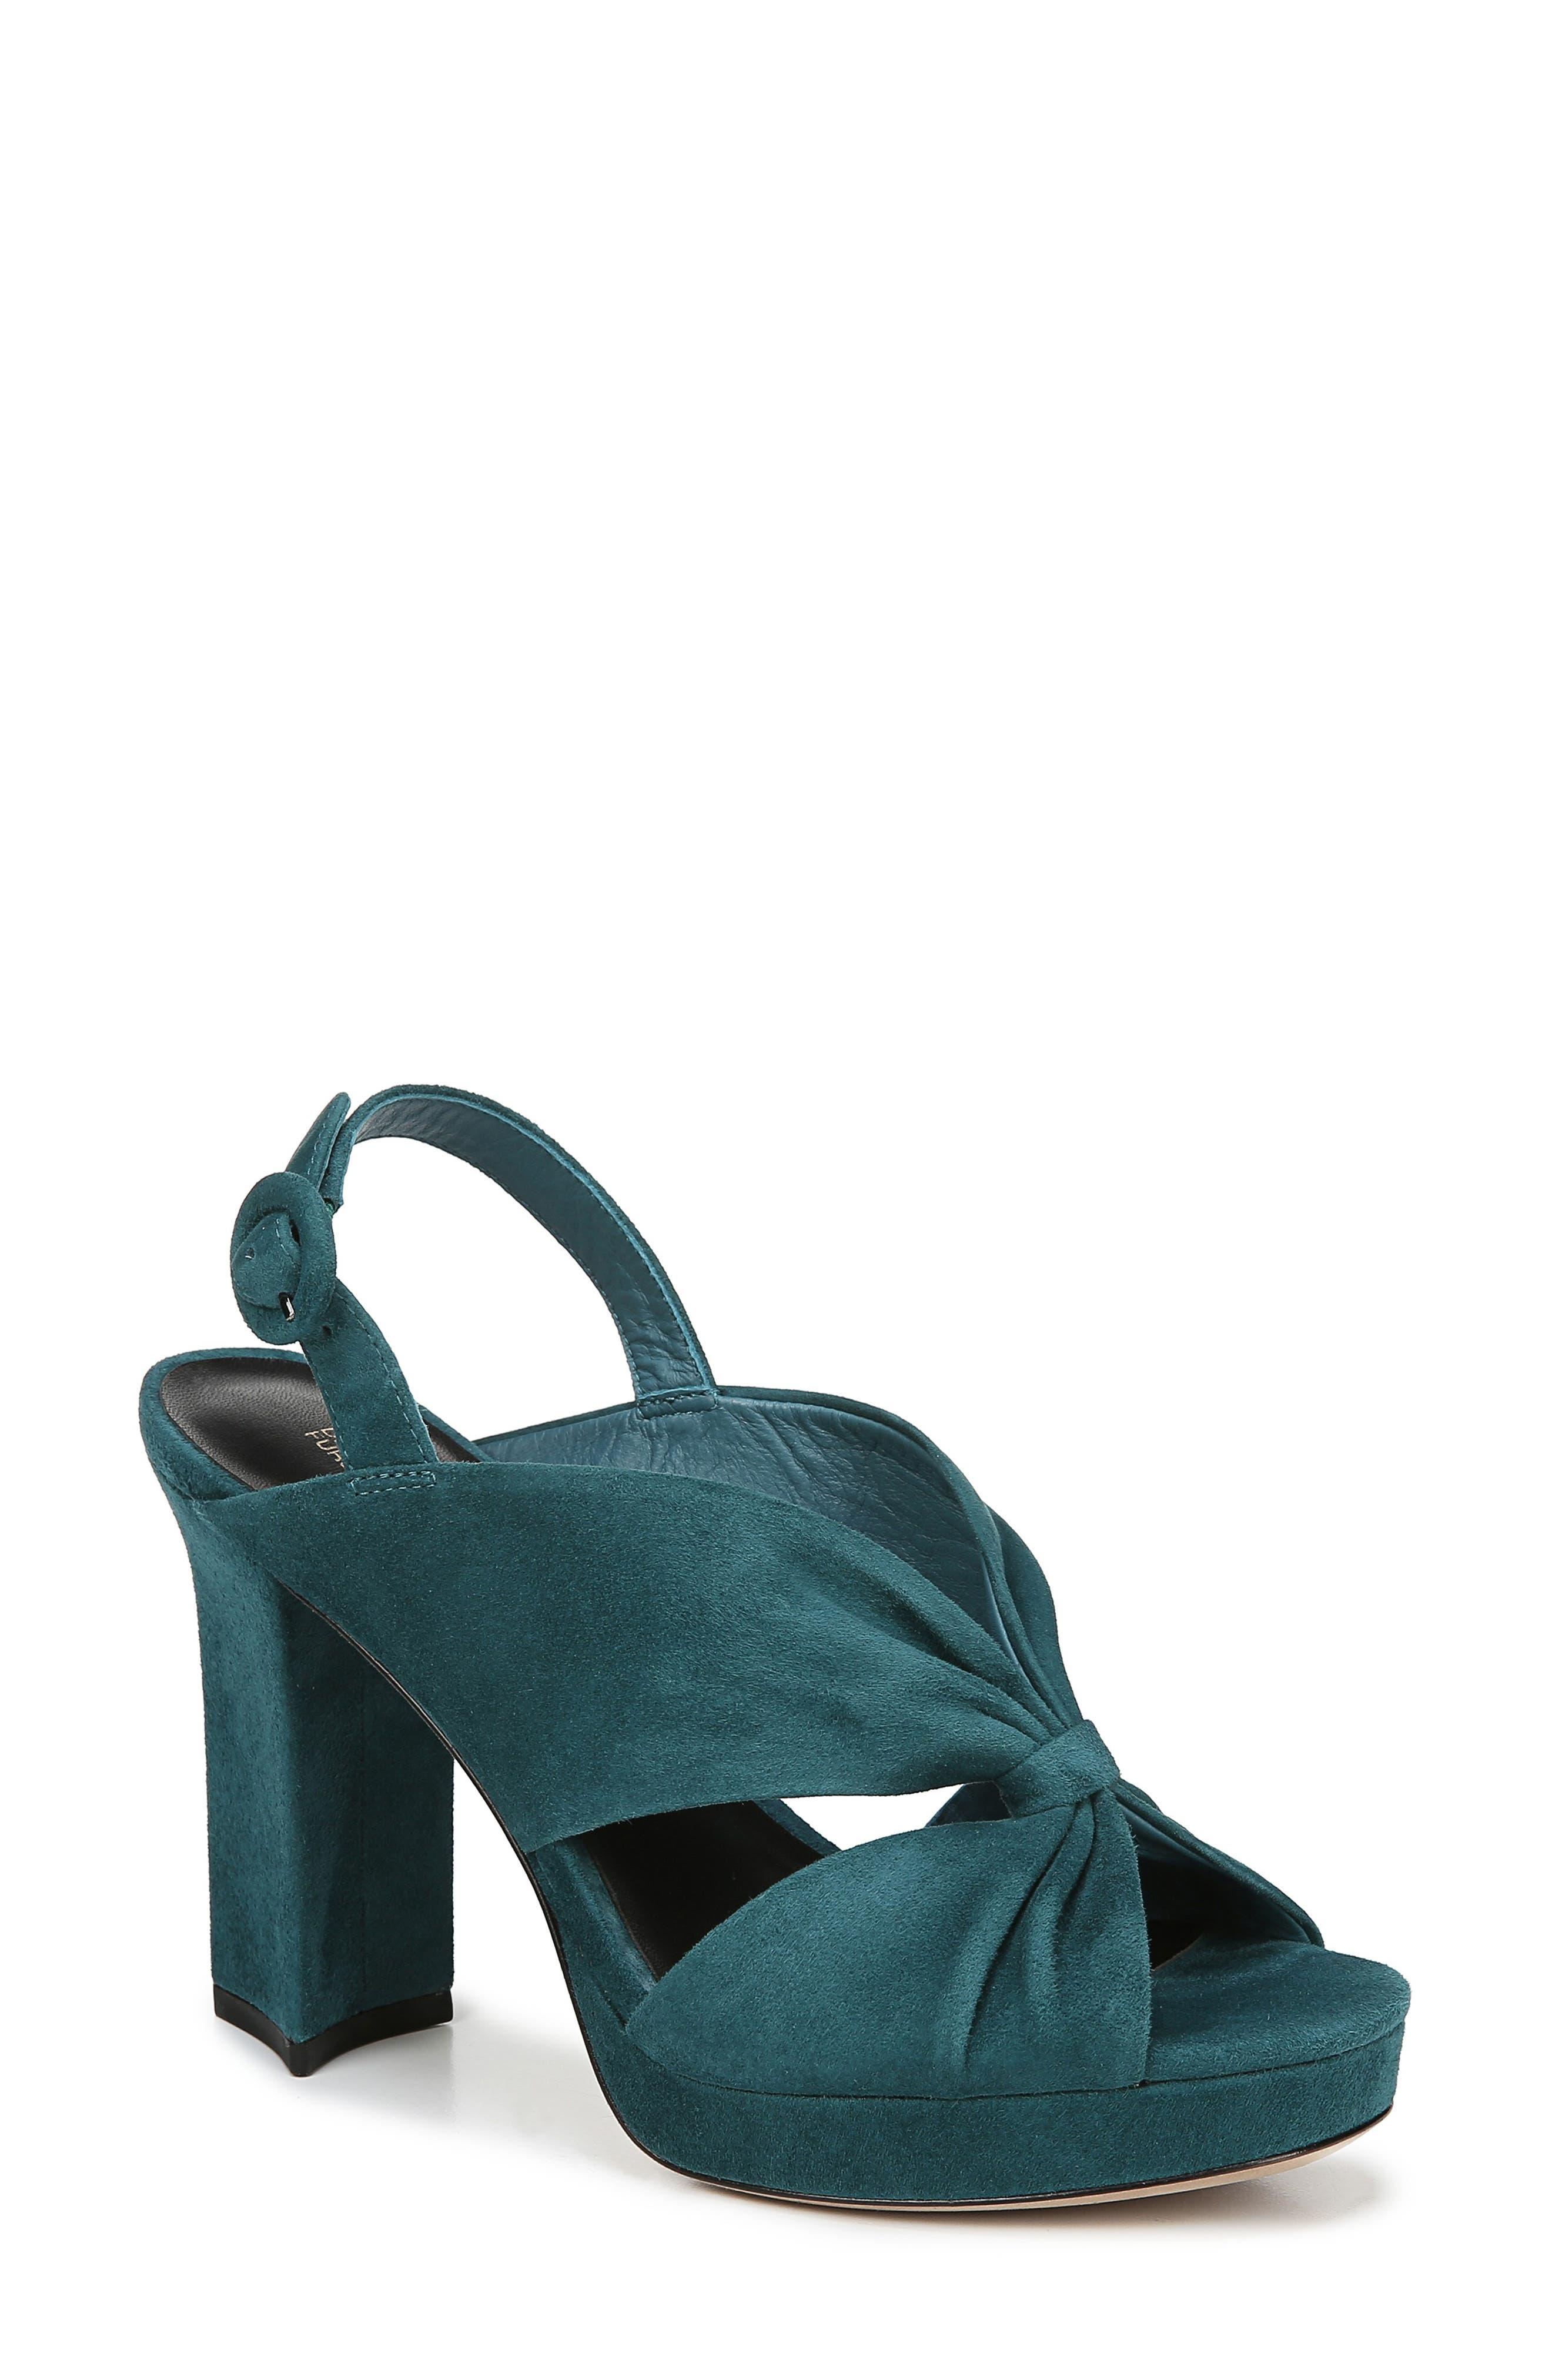 Diane Von Furstenberg Heidi Platform Sandal, Blue/green